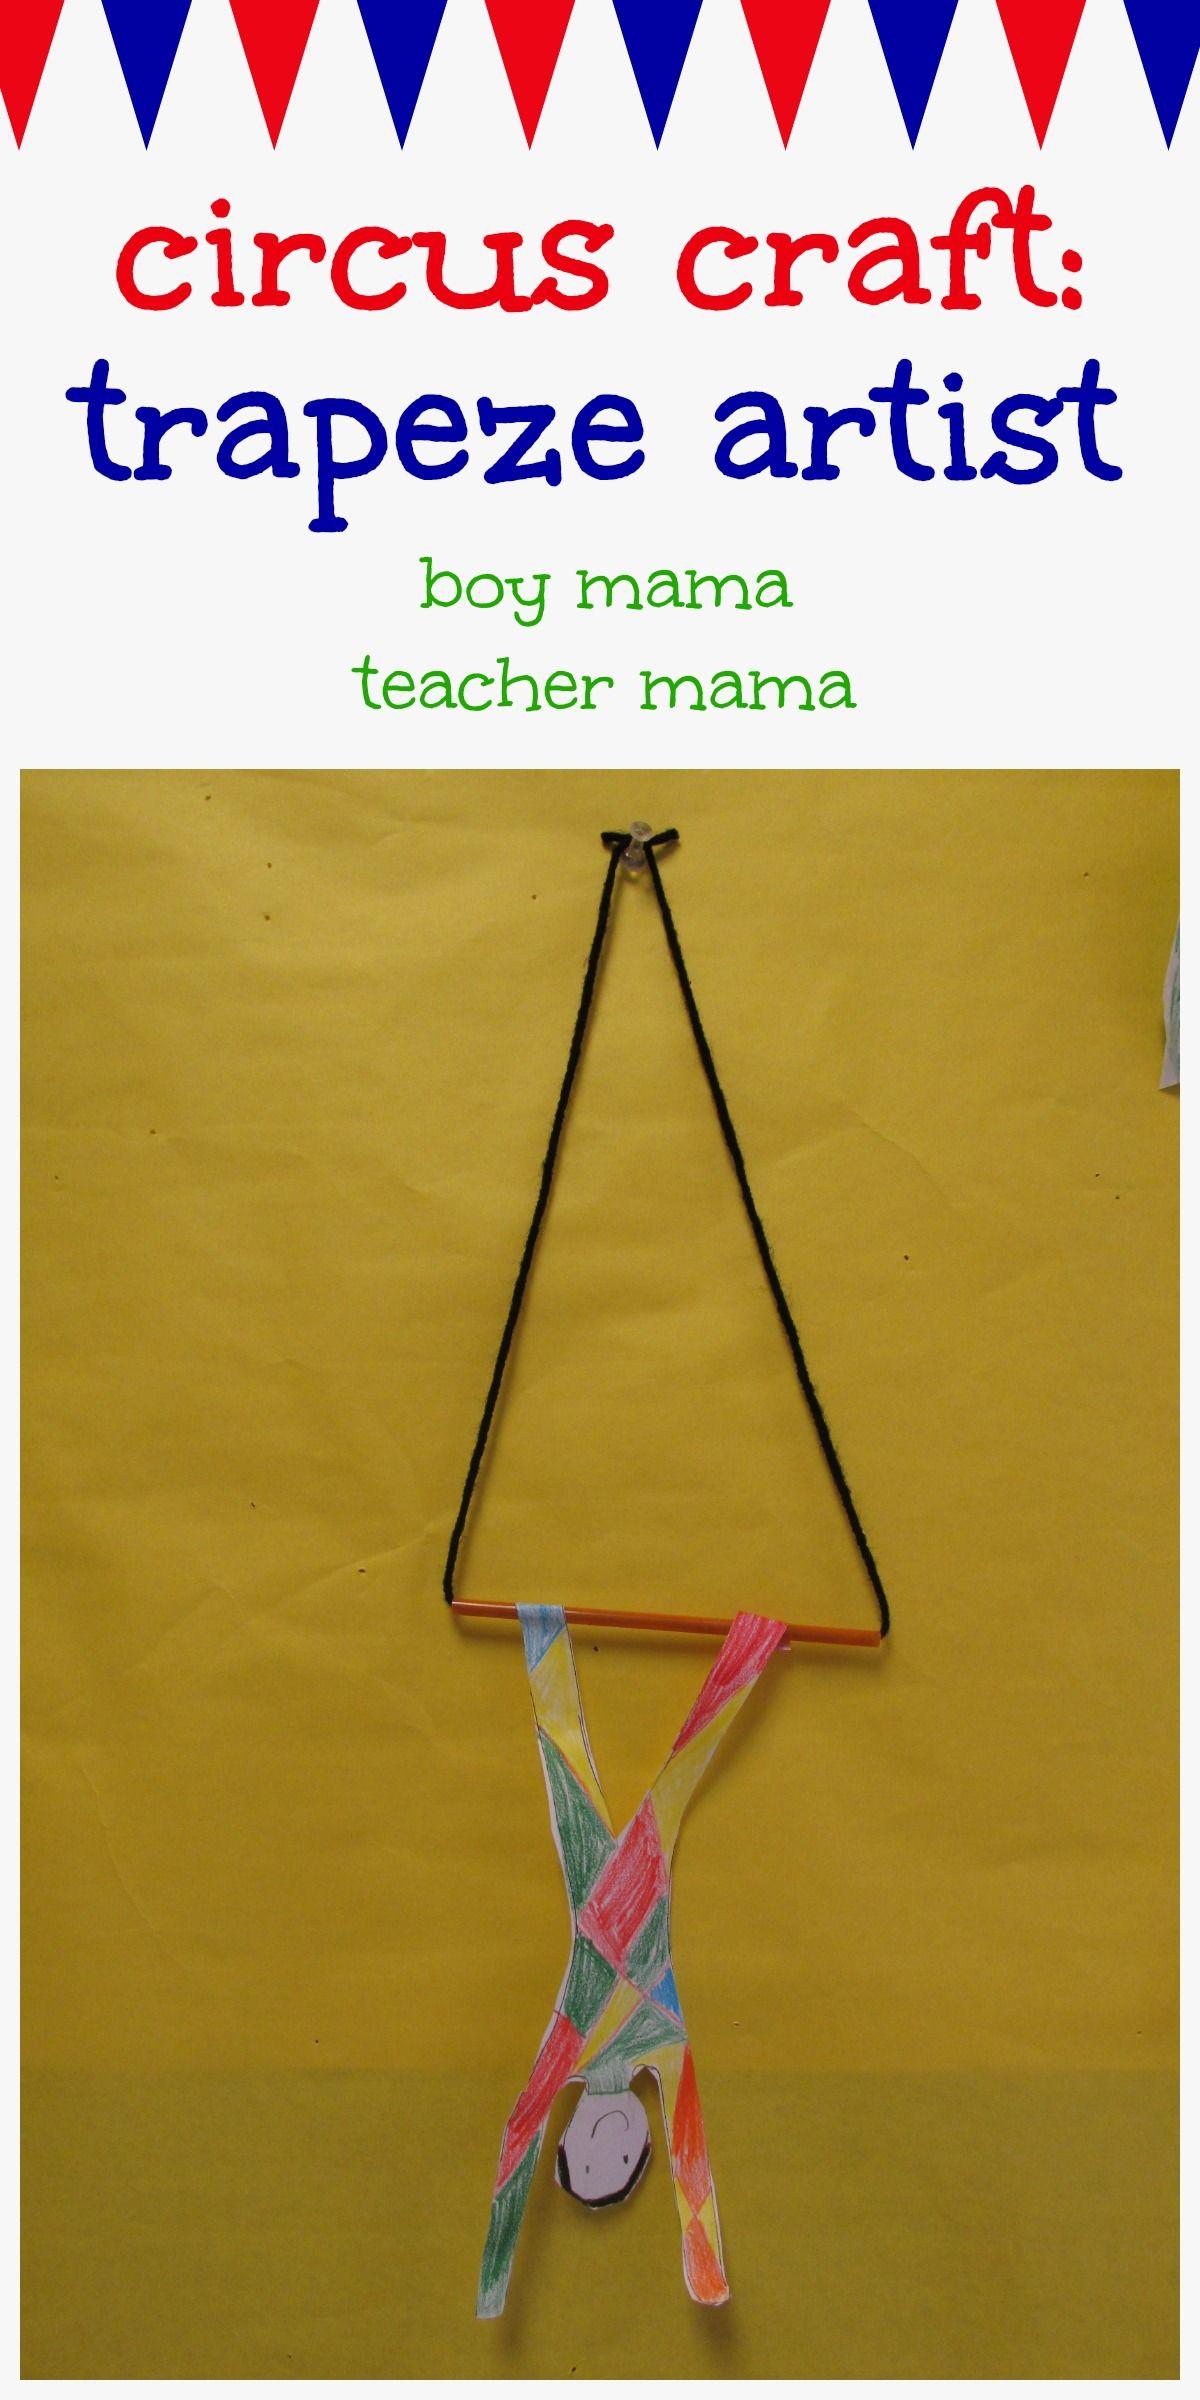 Boy Mama Teacher Mama Circus Craft T Ze Artist